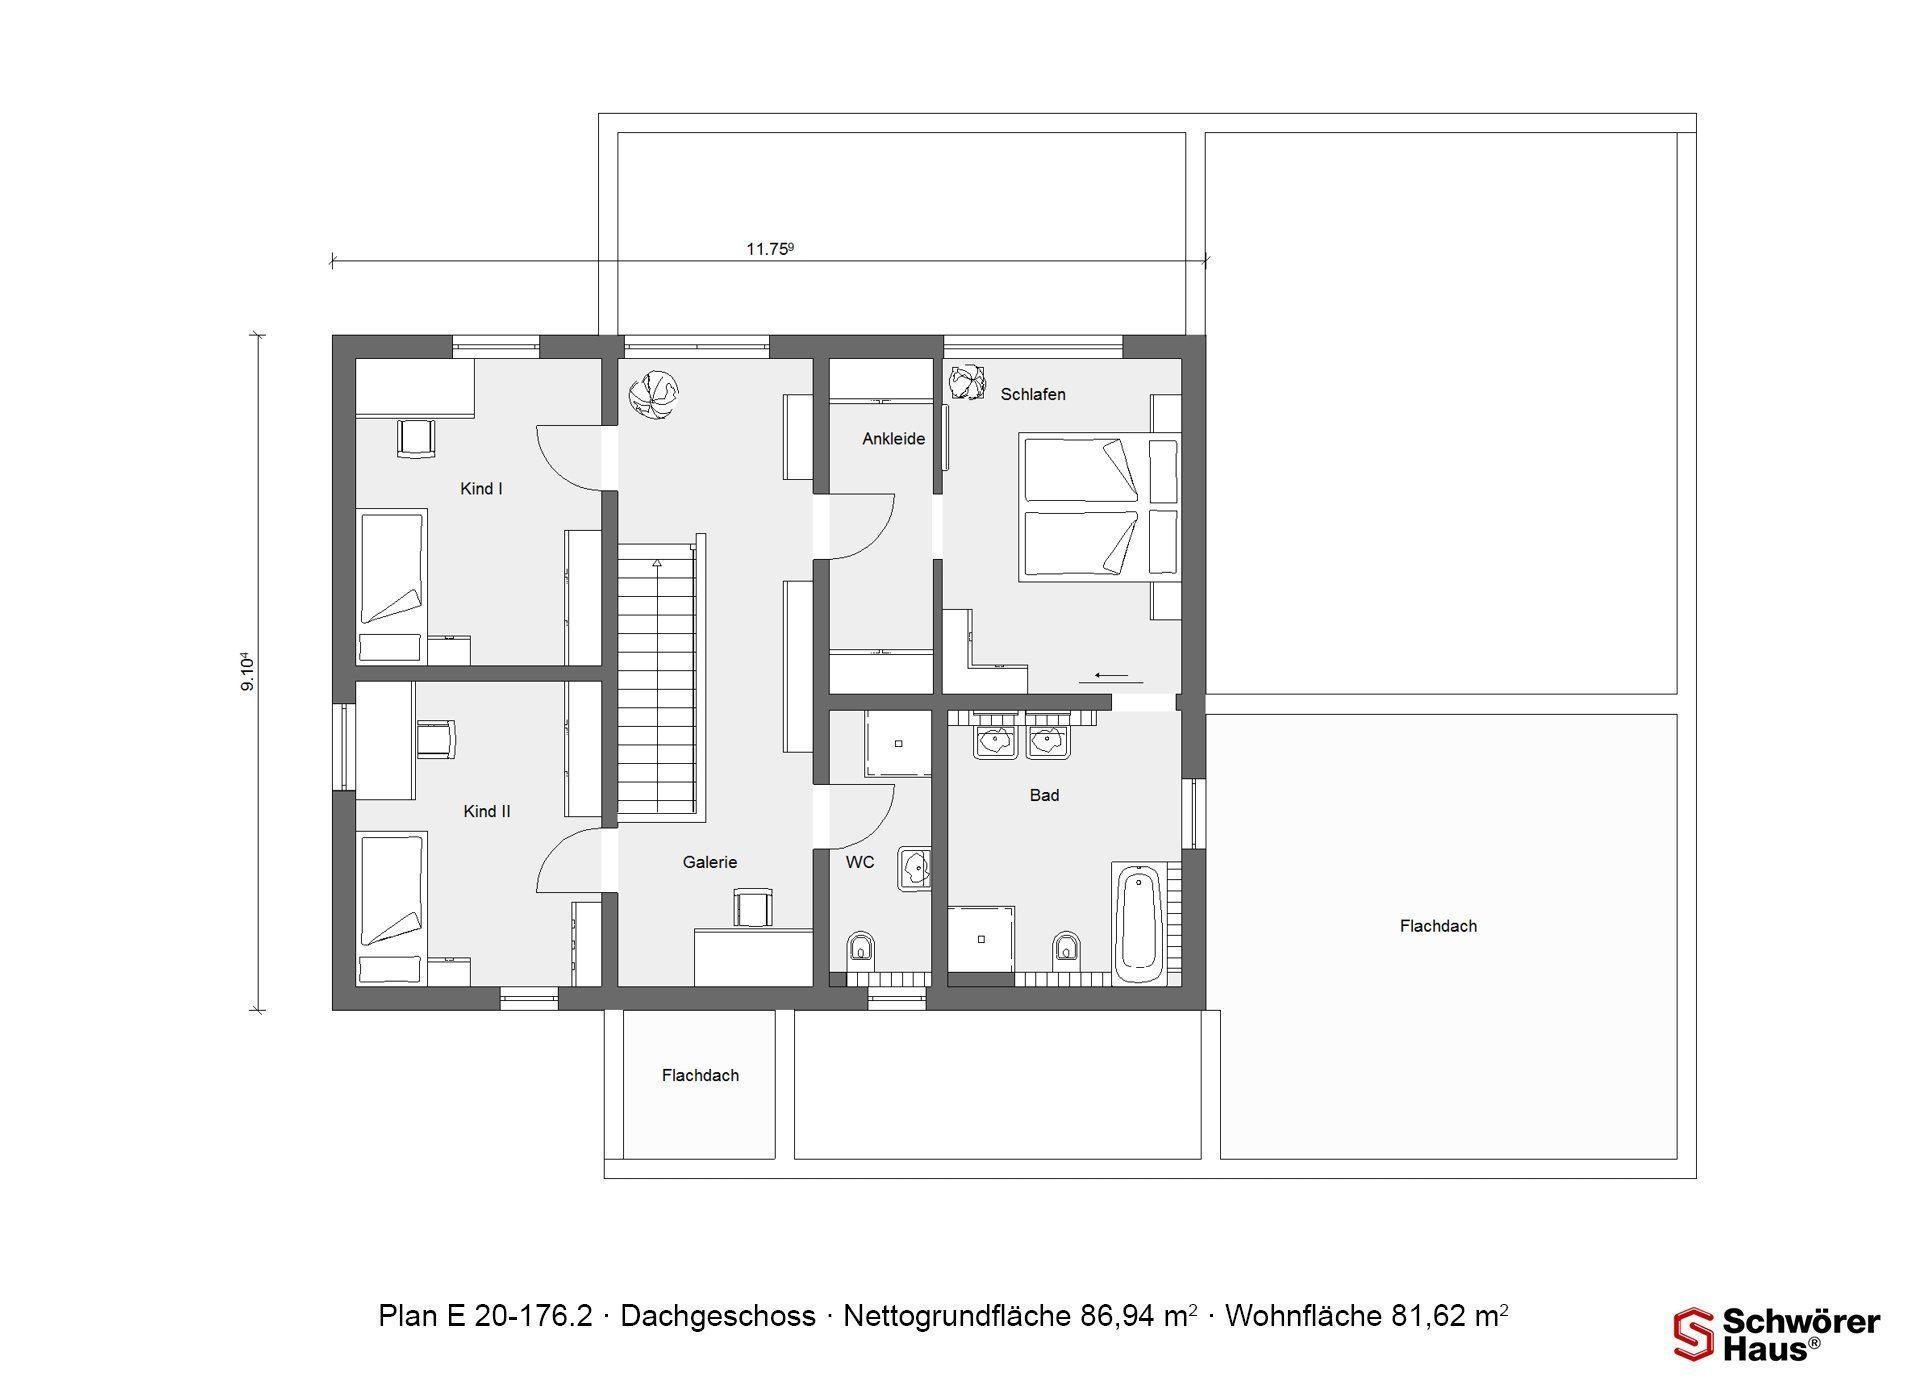 Plan E 20-167.1 - Eine Nahaufnahme einer Uhr - Gebäudeplan